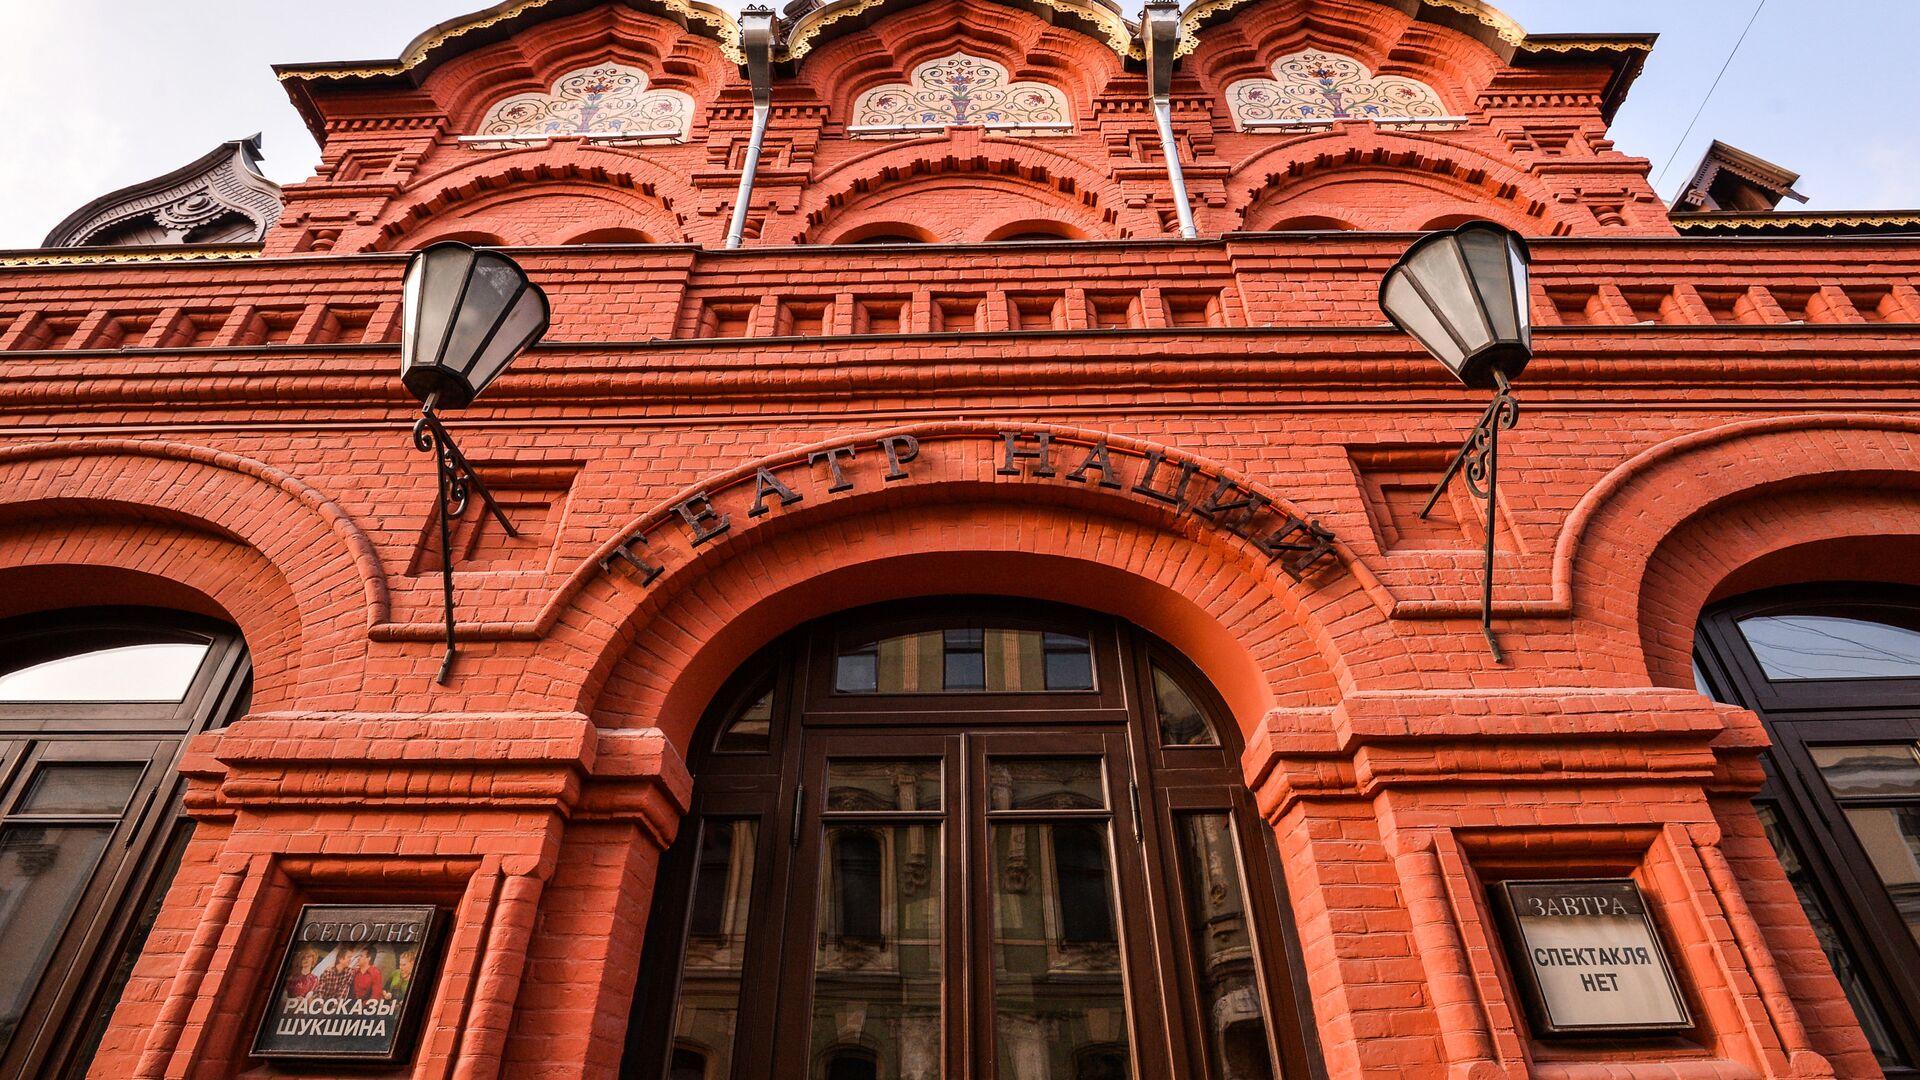 Здание Государственного Театра Наций в Москве - РИА Новости, 1920, 01.10.2020